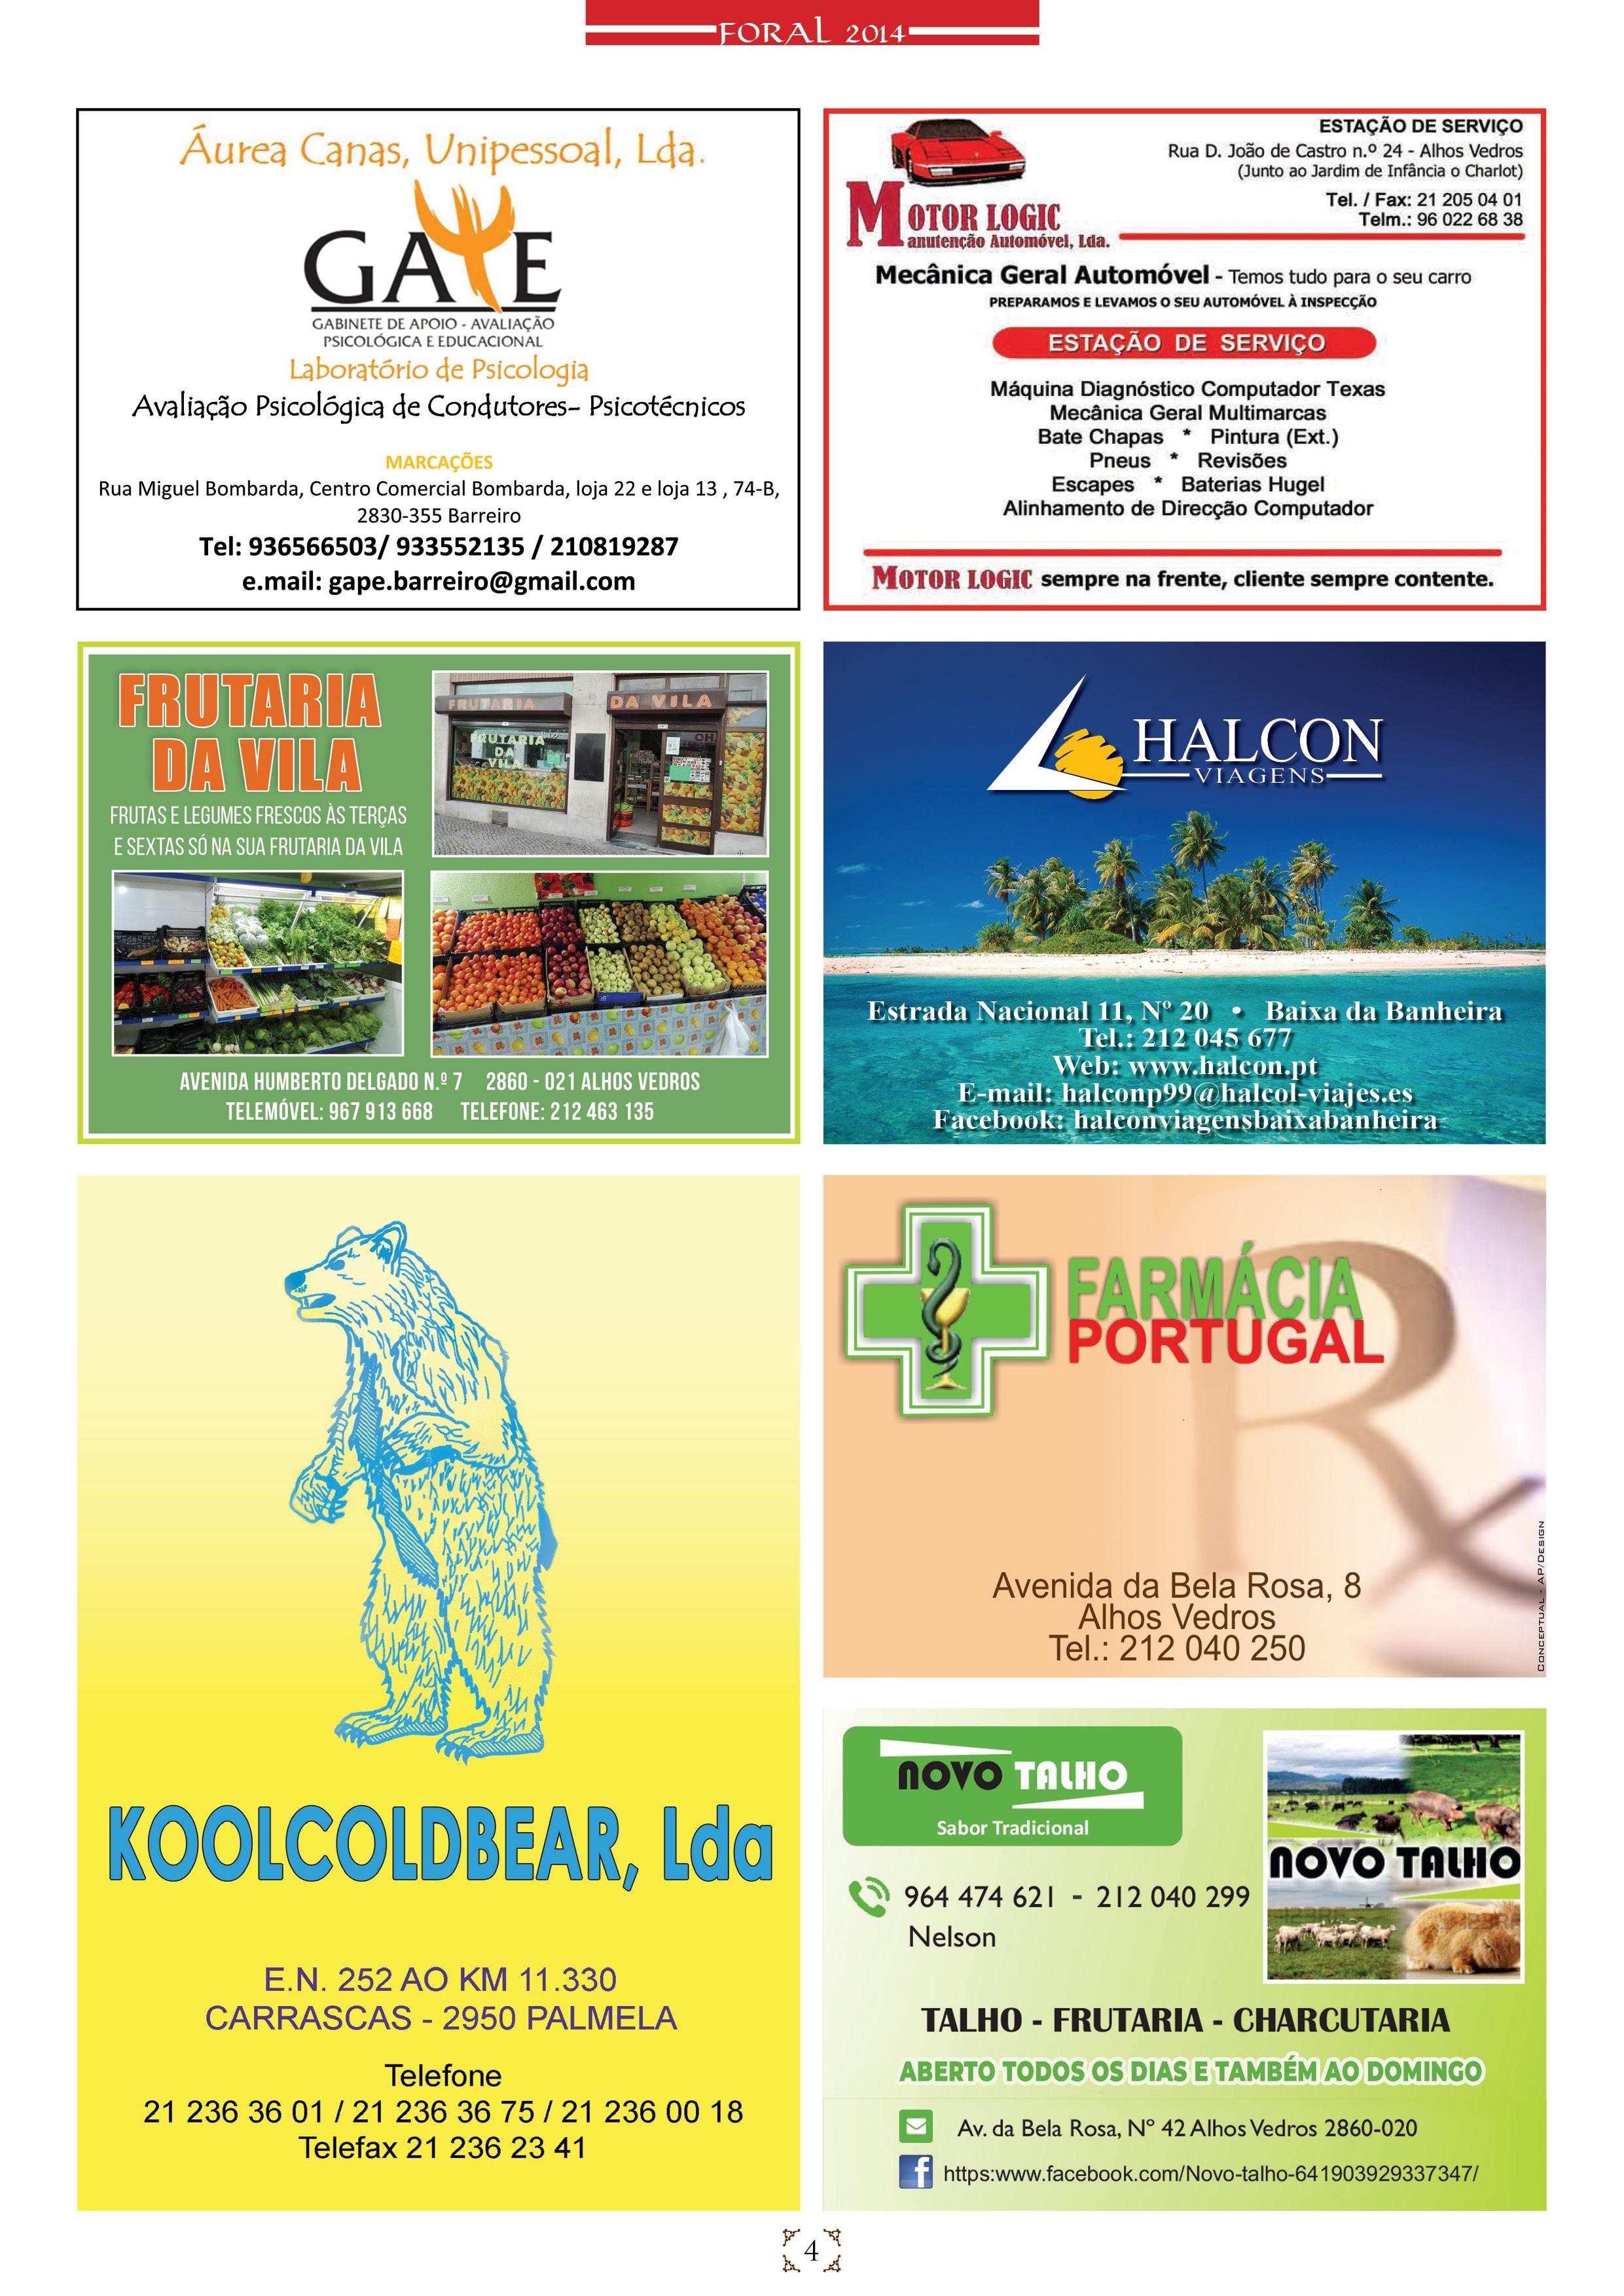 Foral2014_nº14_Junho_2018_(4)